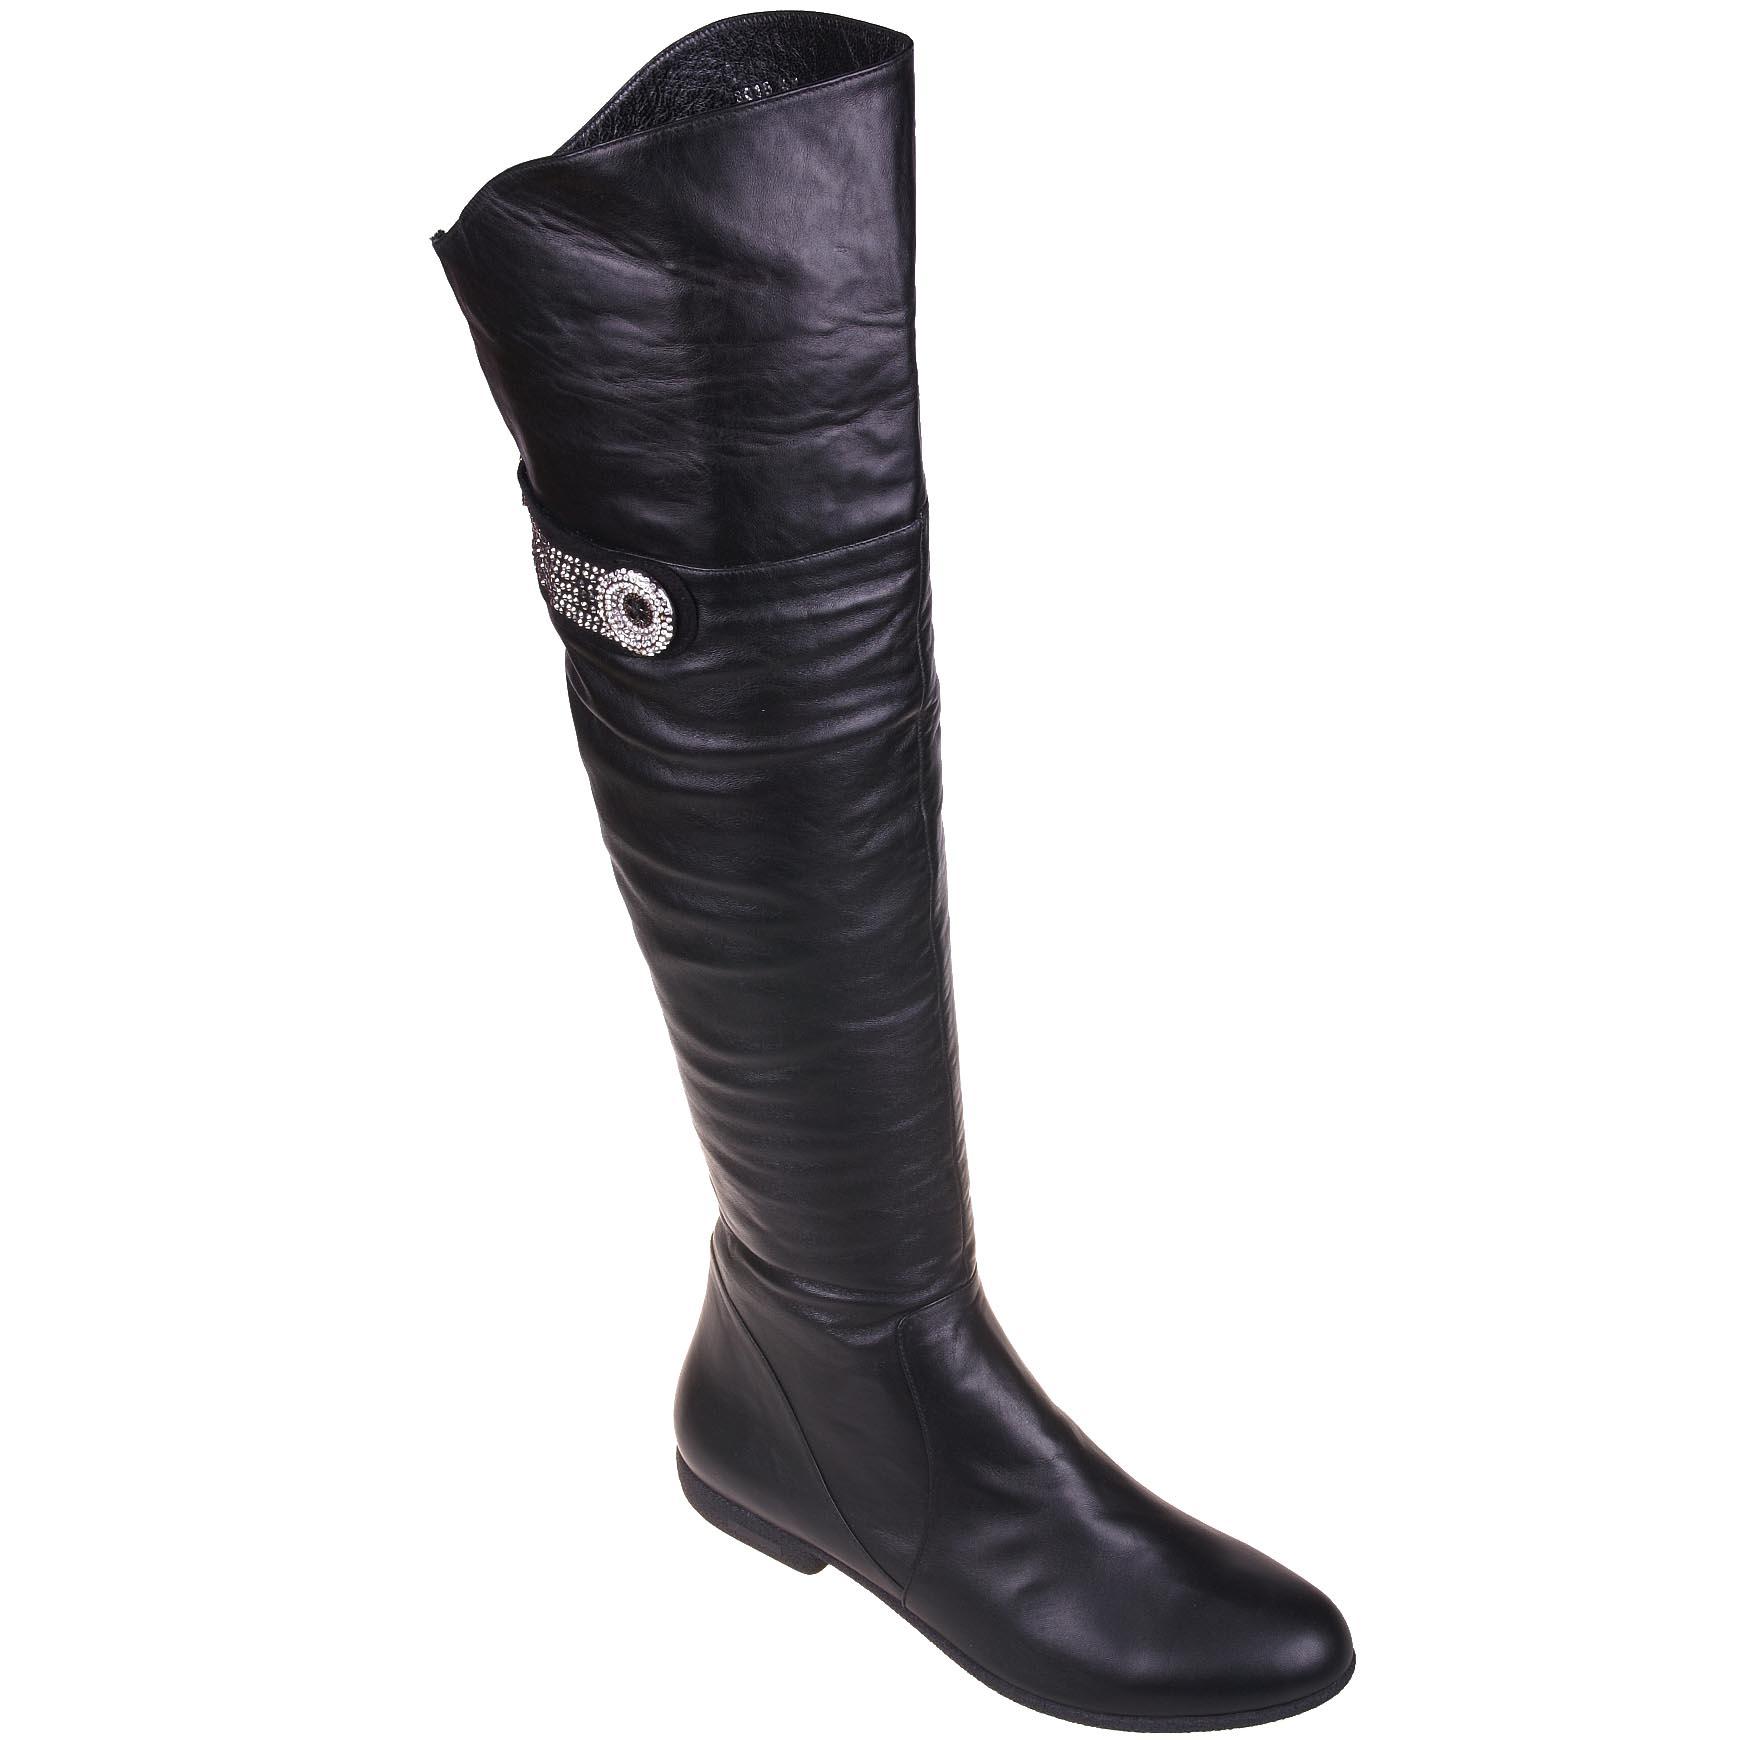 Женская Обувь Больших Размеров В Алматы